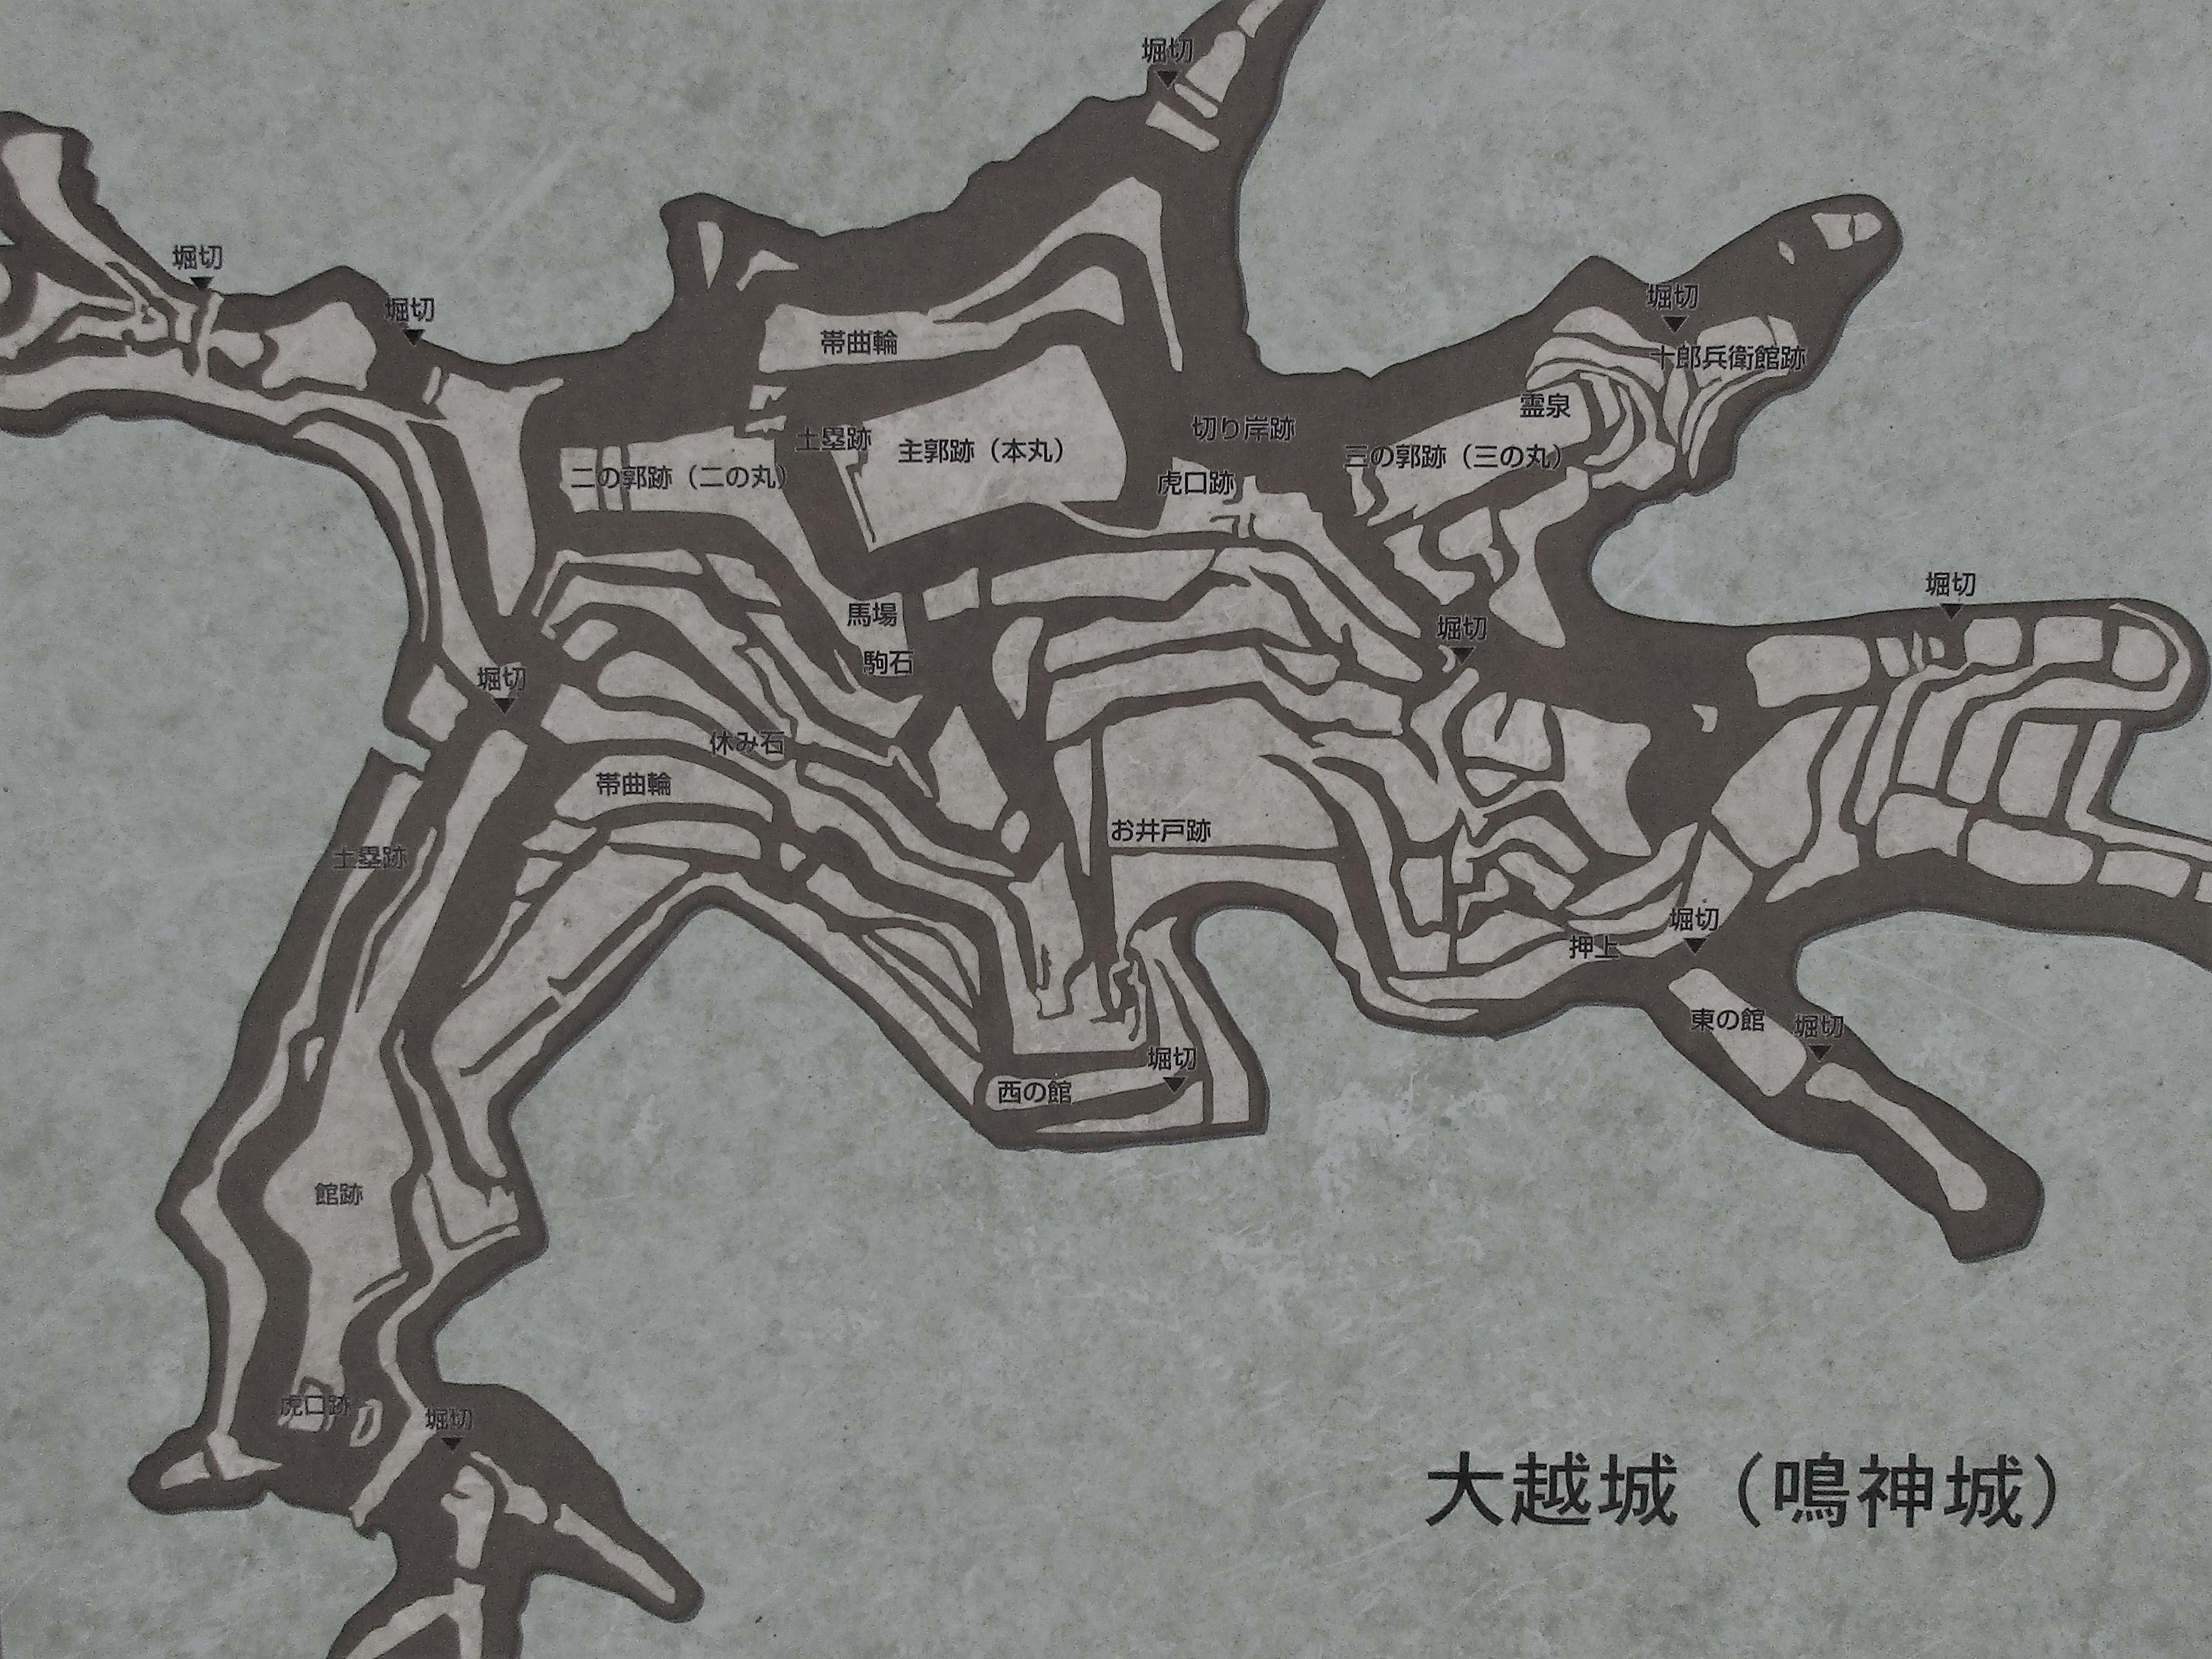 大越城 鳥瞰図